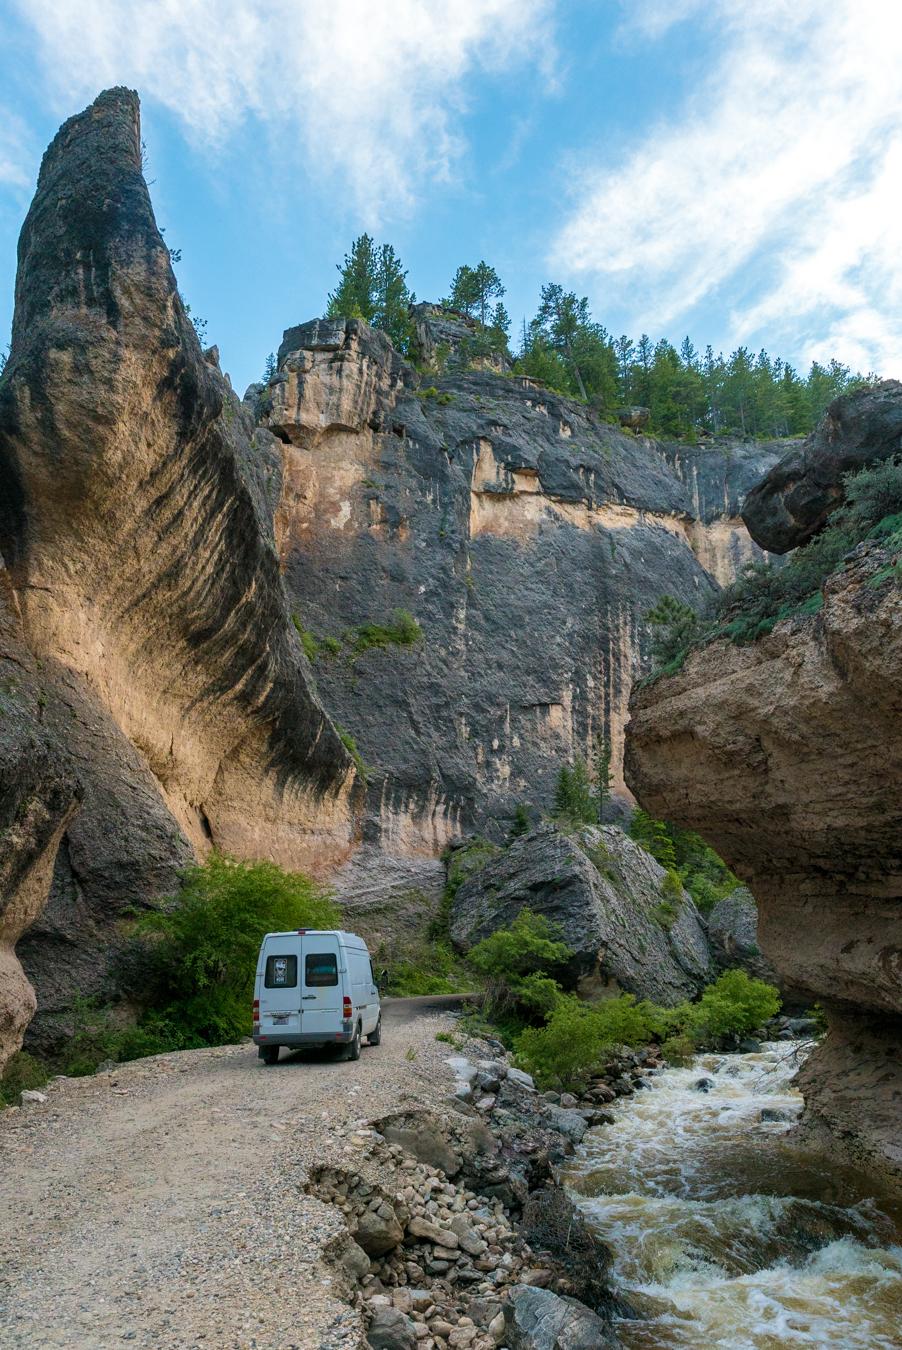 Slot canyon just outside of Buffalo